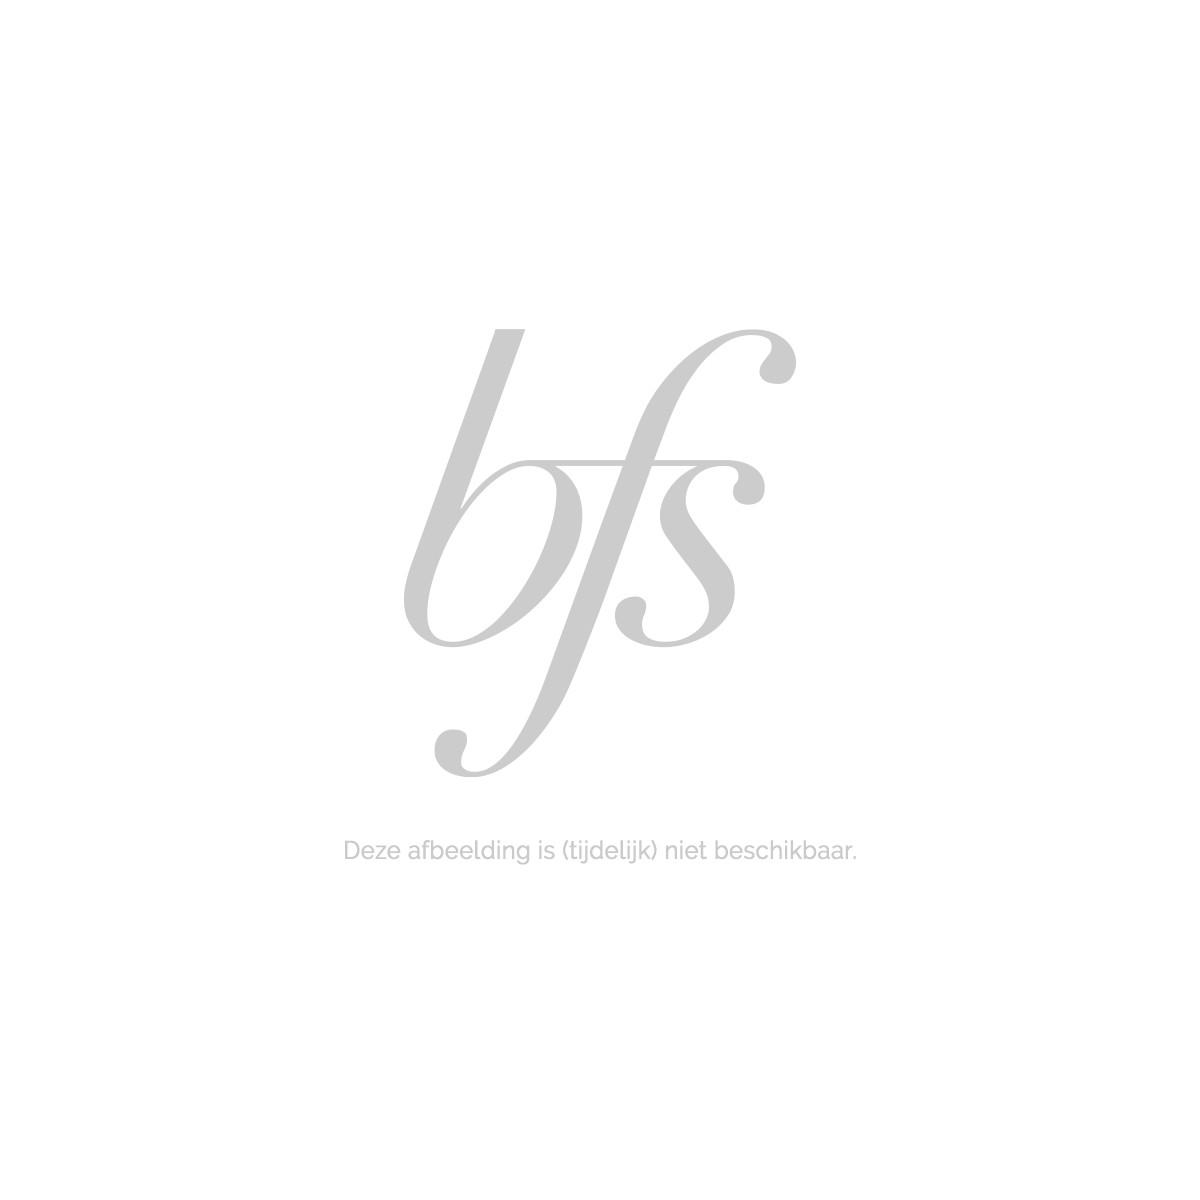 Pupa IM Matt Lipstick 050 Runway Fuchsia